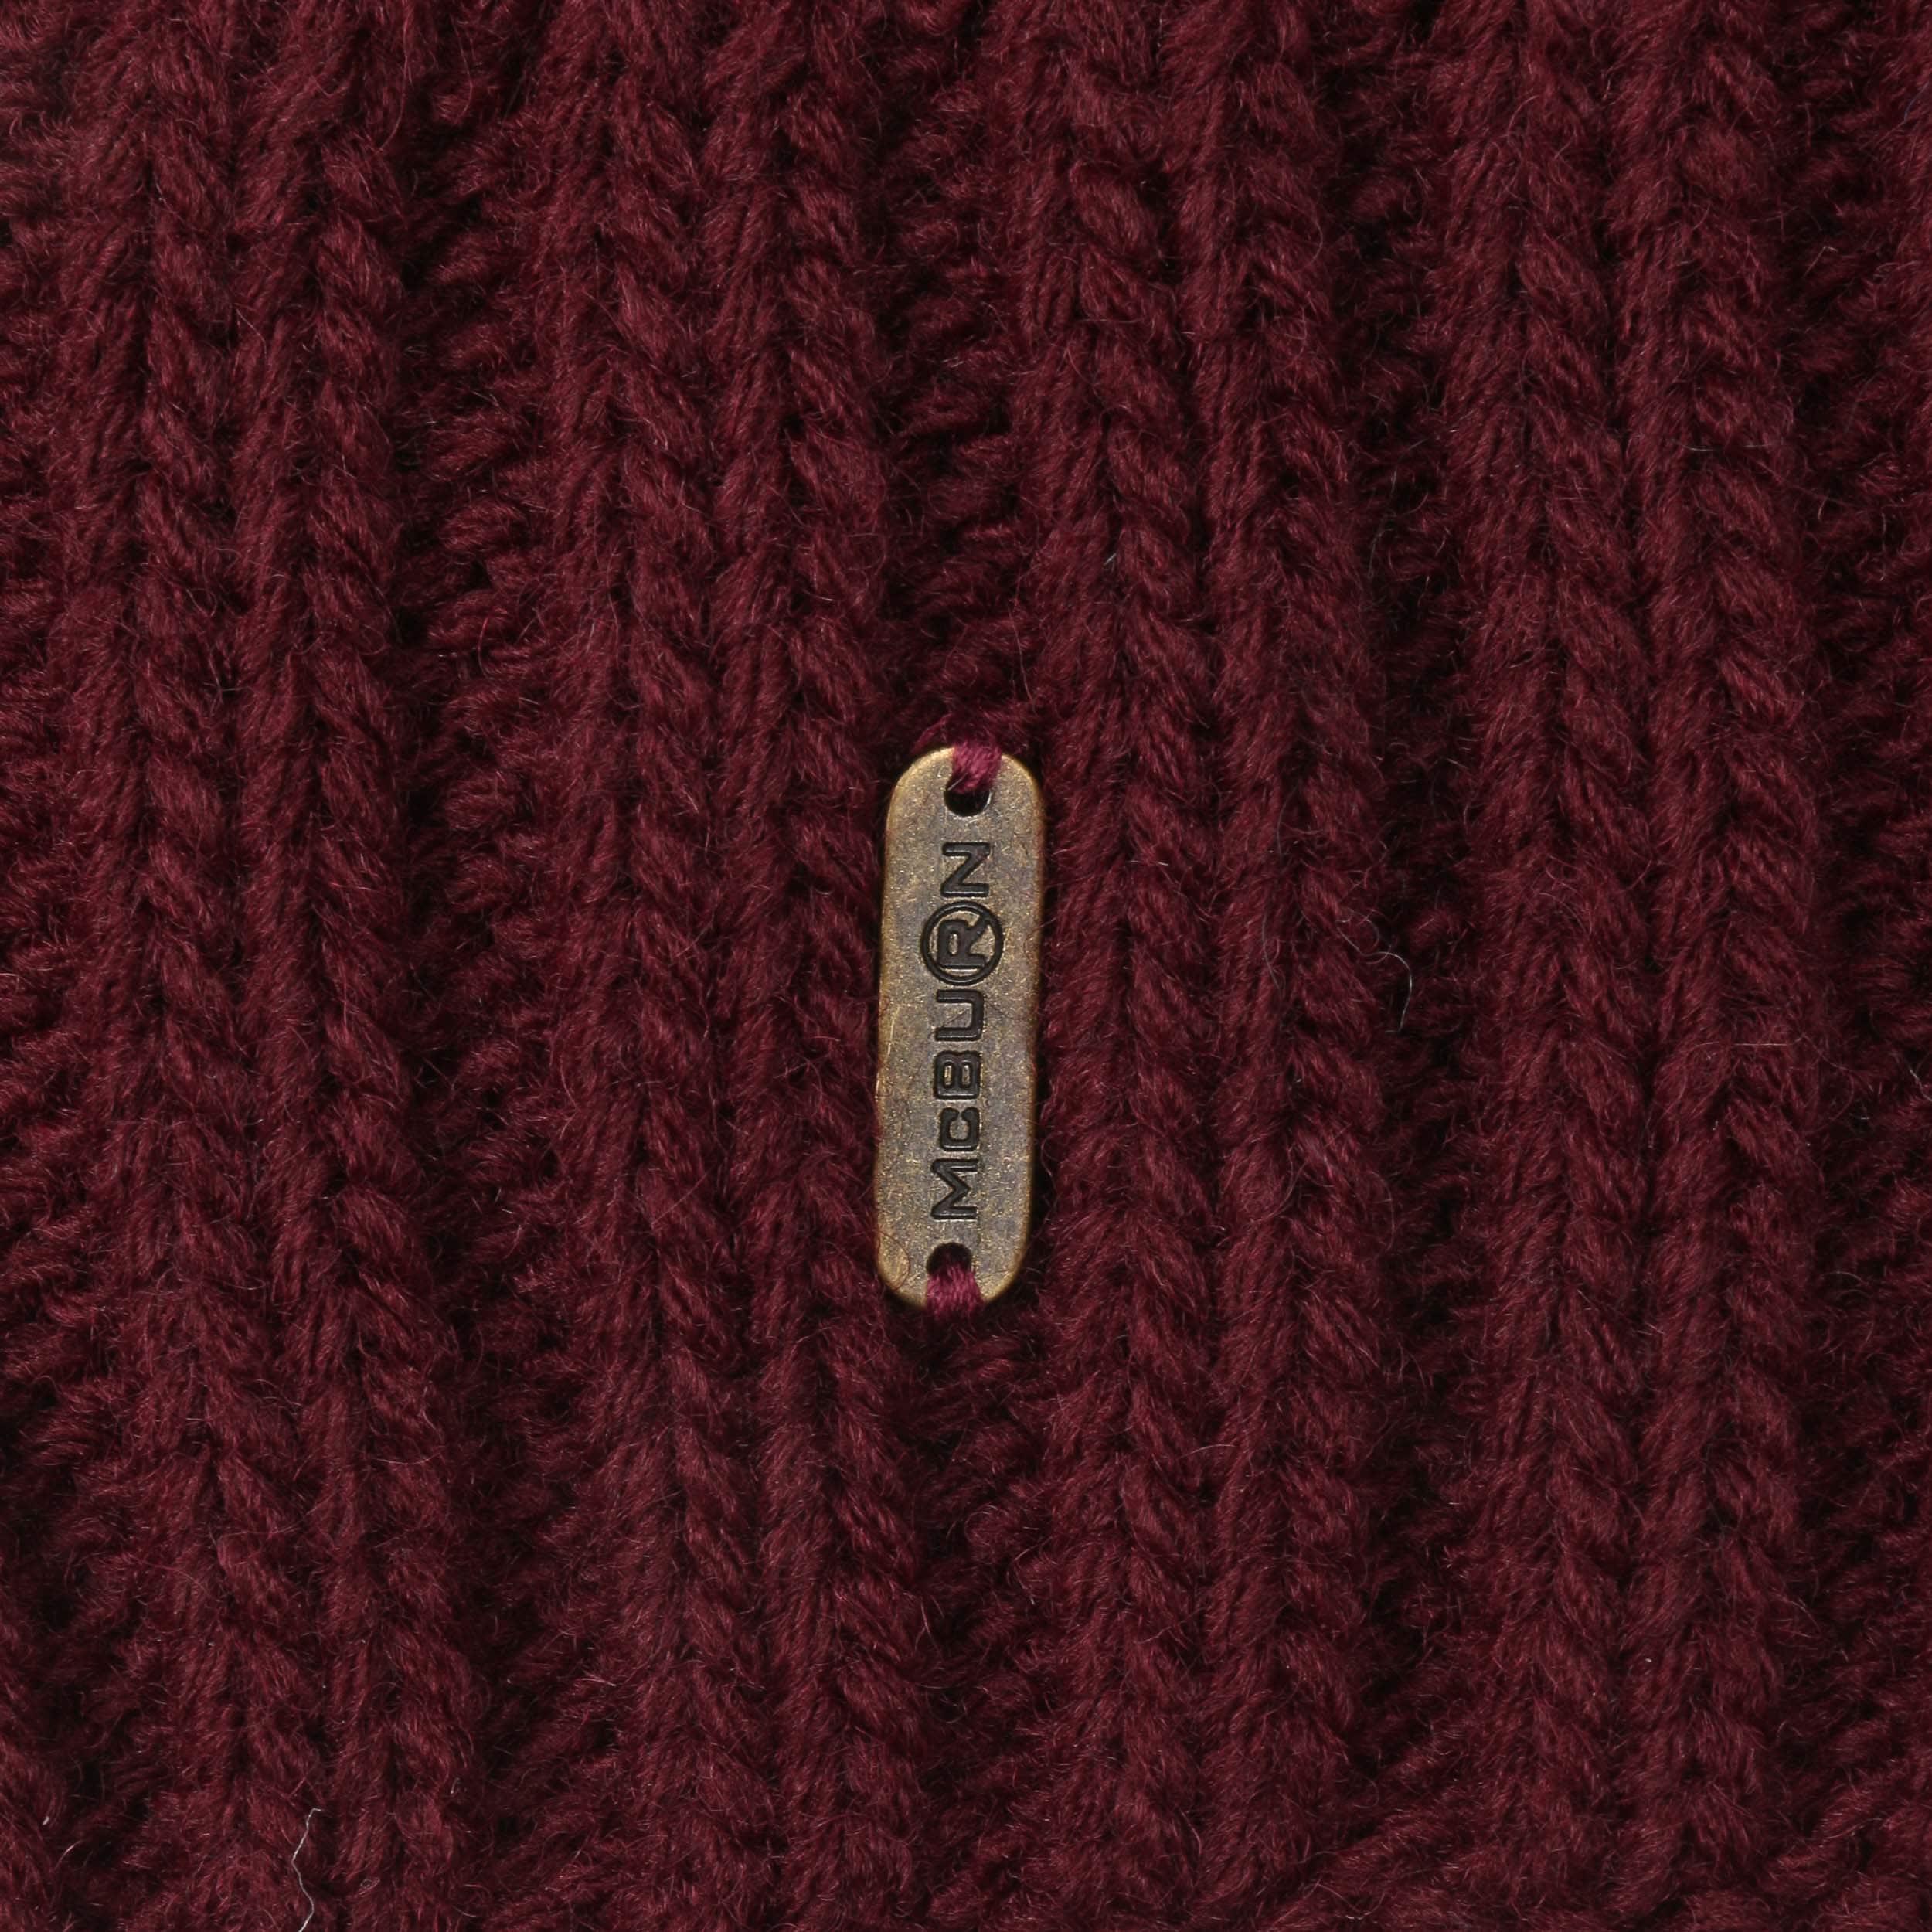 87cb4bd7346 ... Giant Bobble Hat by McBURN - bordeaux 1 ...